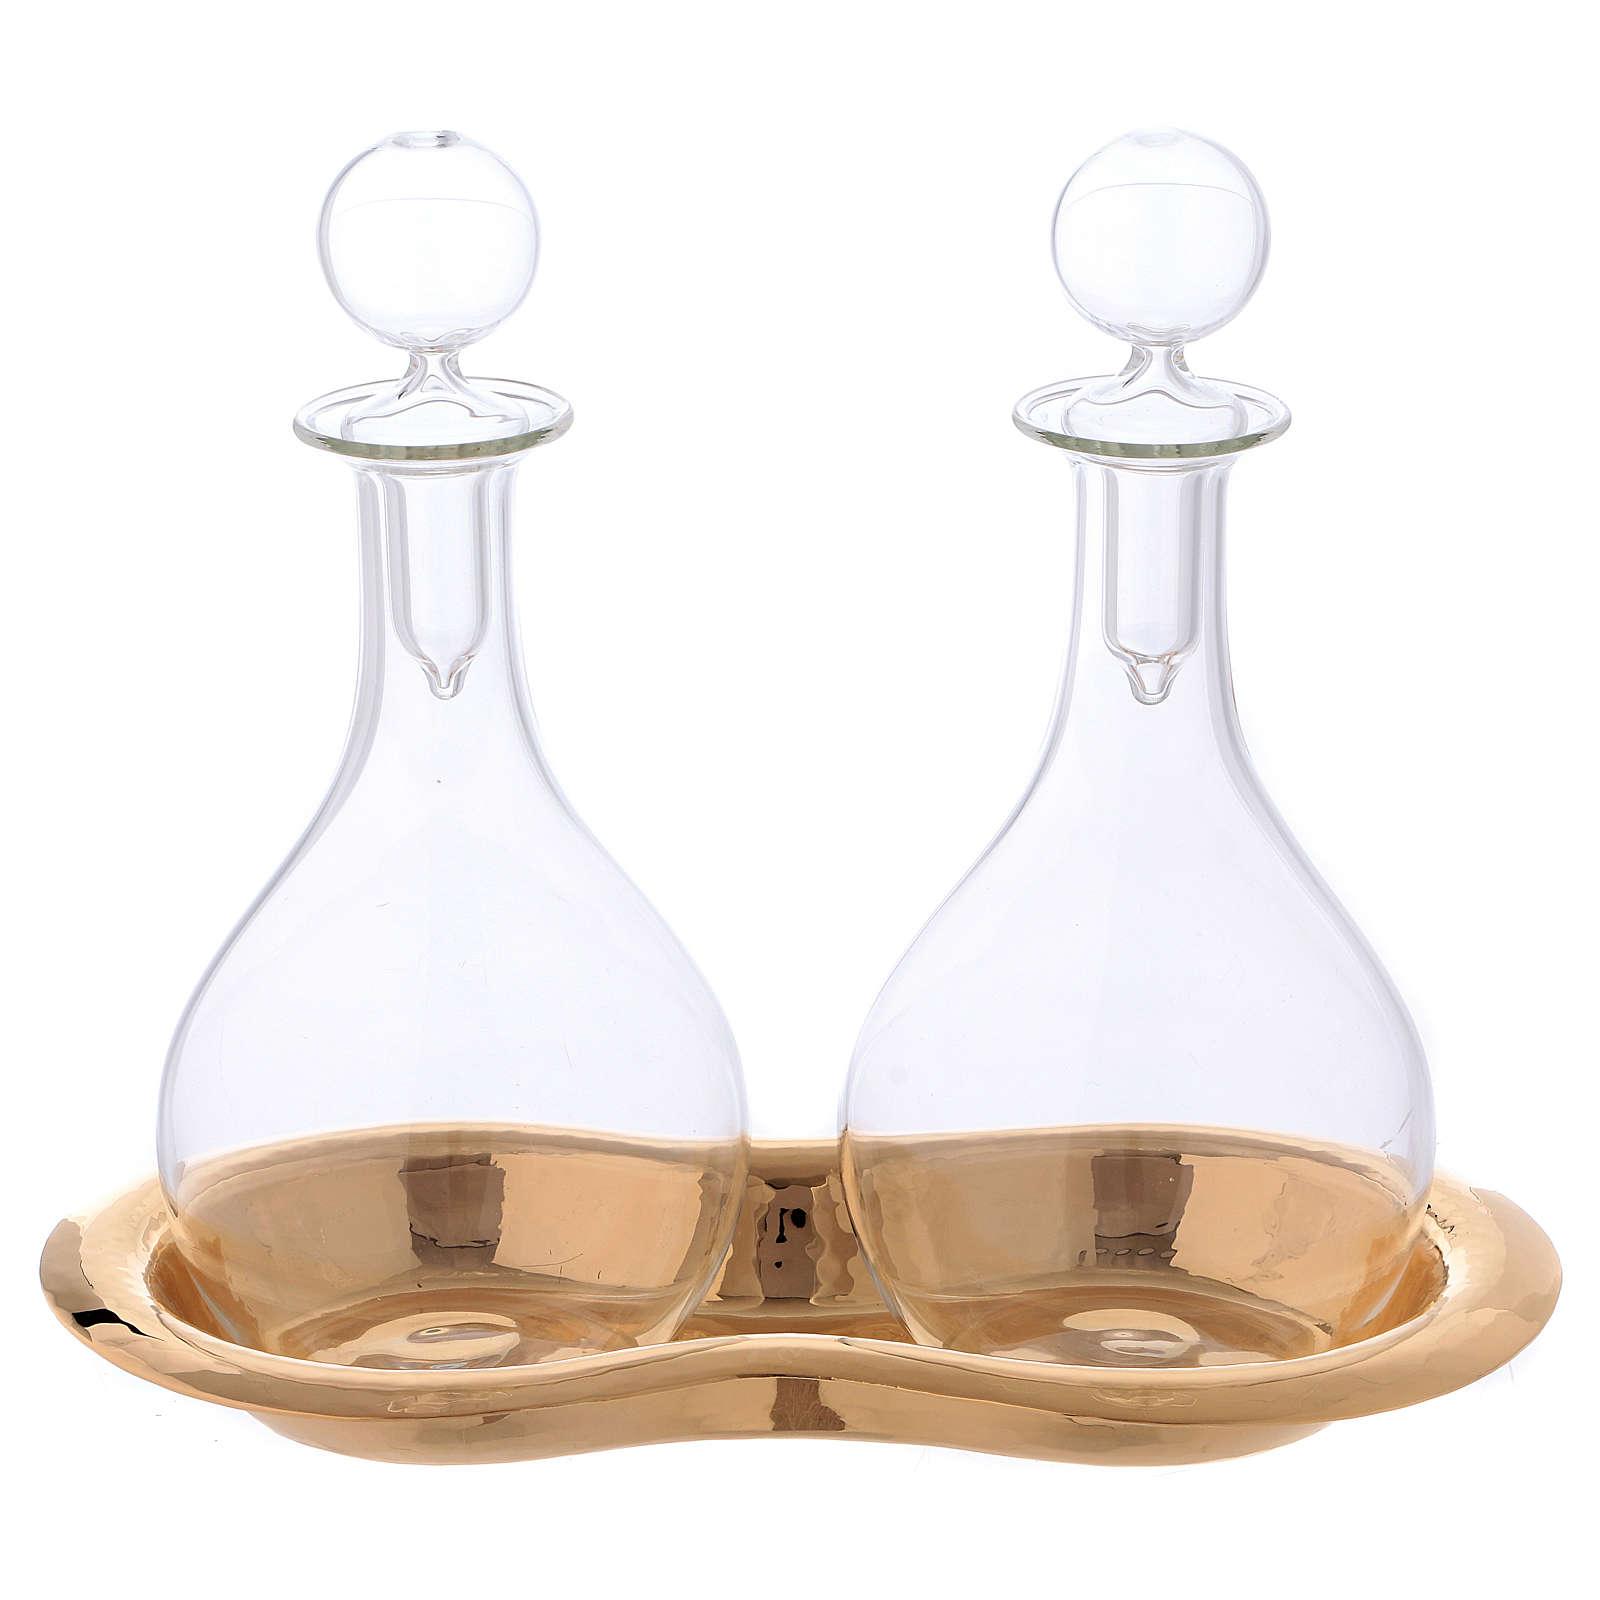 Vinajeras de vidrio con bandeja mod. Murano 4